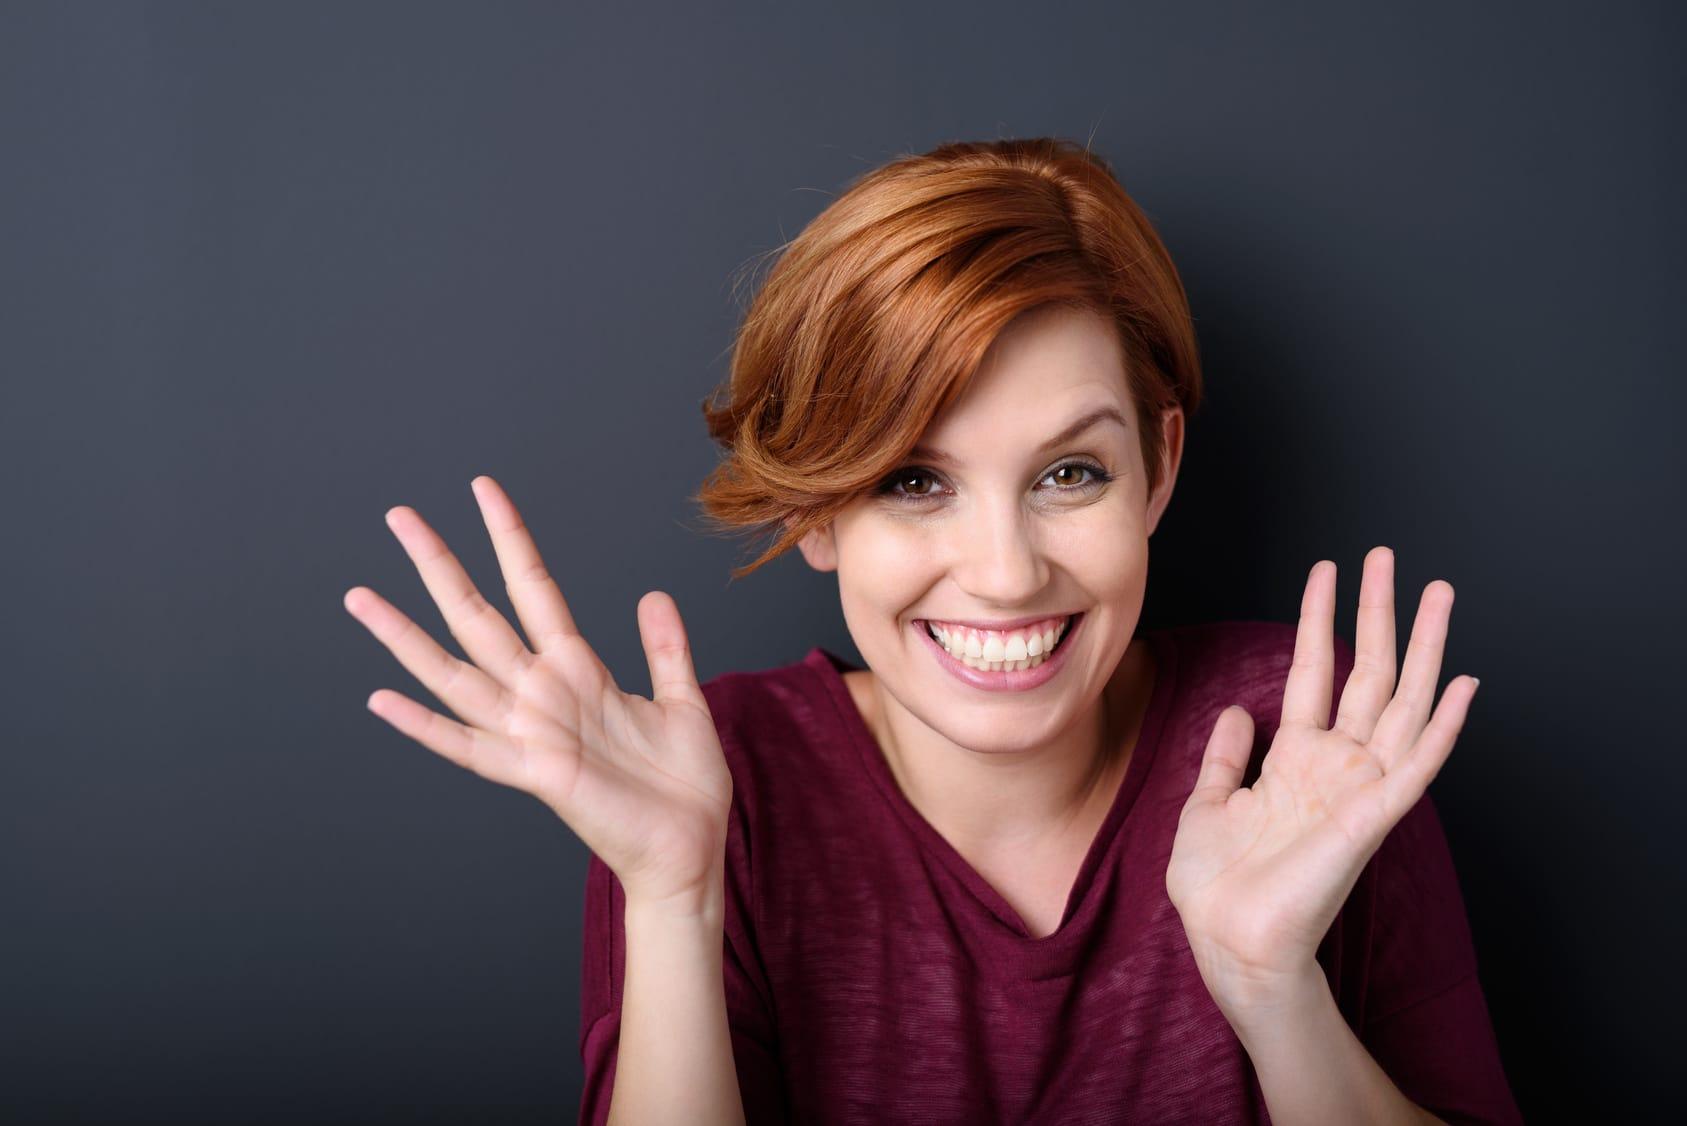 Eine Frau mit rotbraunen kurzen Haaren lächelt und hebt dabei beide Hände hoch. Sie strahlt mit Ihrer Mimik und Gestik vollstes Selbstbewusstsein aus. Sie ist bekleidet mit einem lilafarbenen Pullover. Der Hintergrund ist einfarbig dunkelblau.